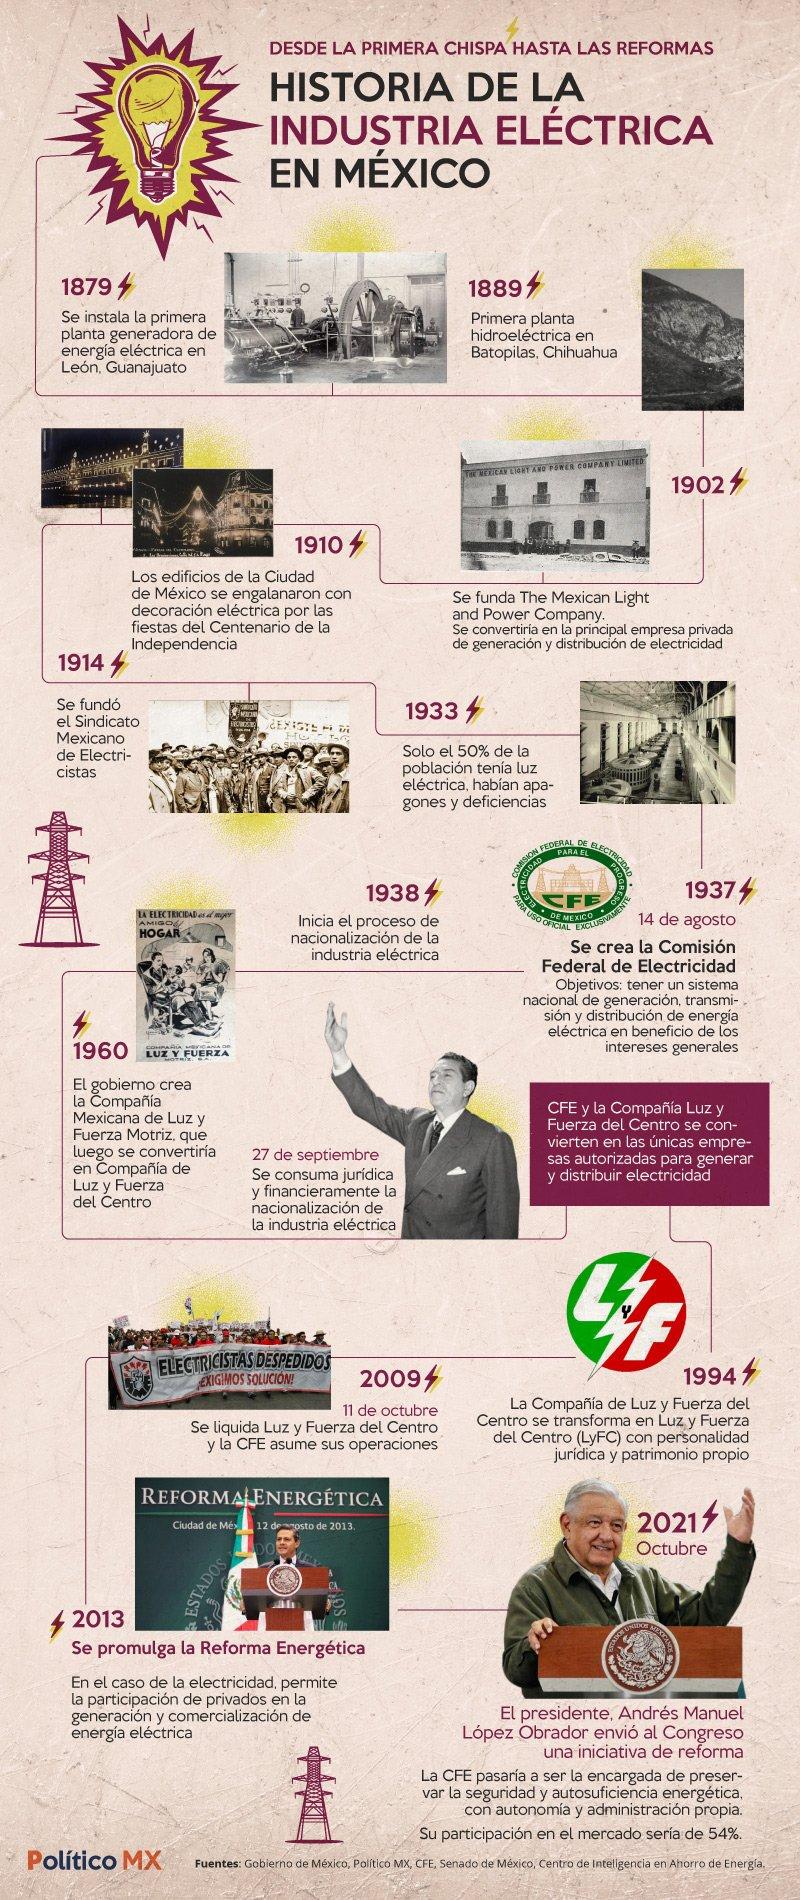 Historia de la industria eléctrica